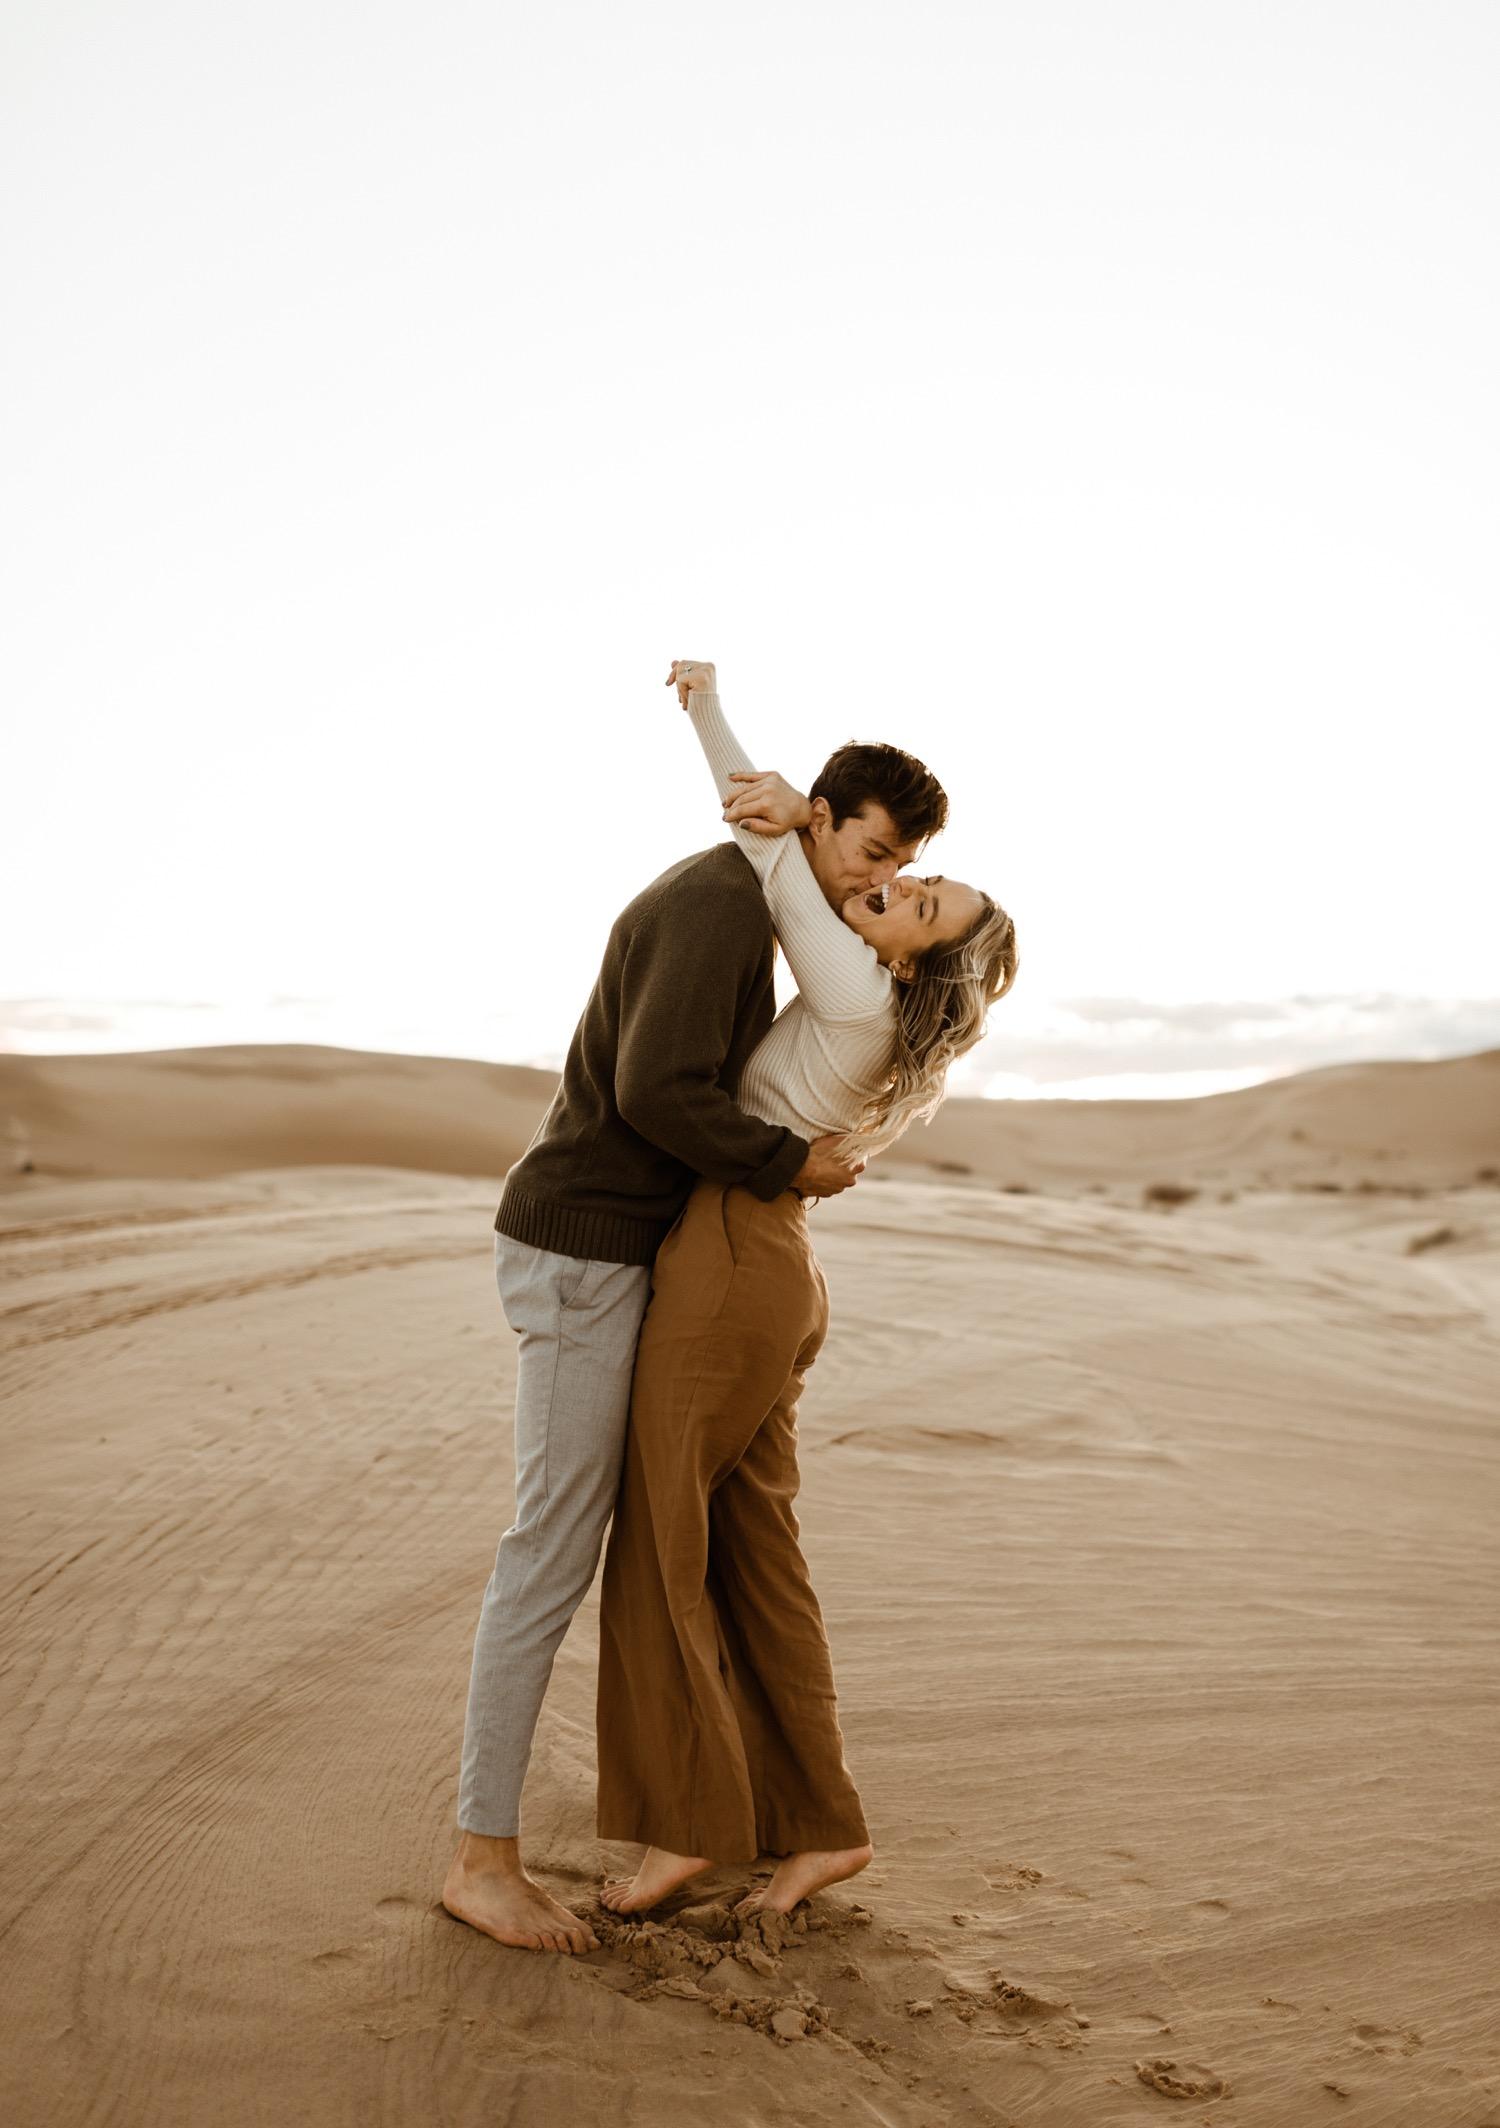 https://content1.getnarrativeapp.com/static/d01d9c35-998e-477c-b866-ff5d703eca51/glamis-Sand-dunes-San-diego-engagement-photos-adventurous-engagement-photos-death-valley-engagement-photos.jpg